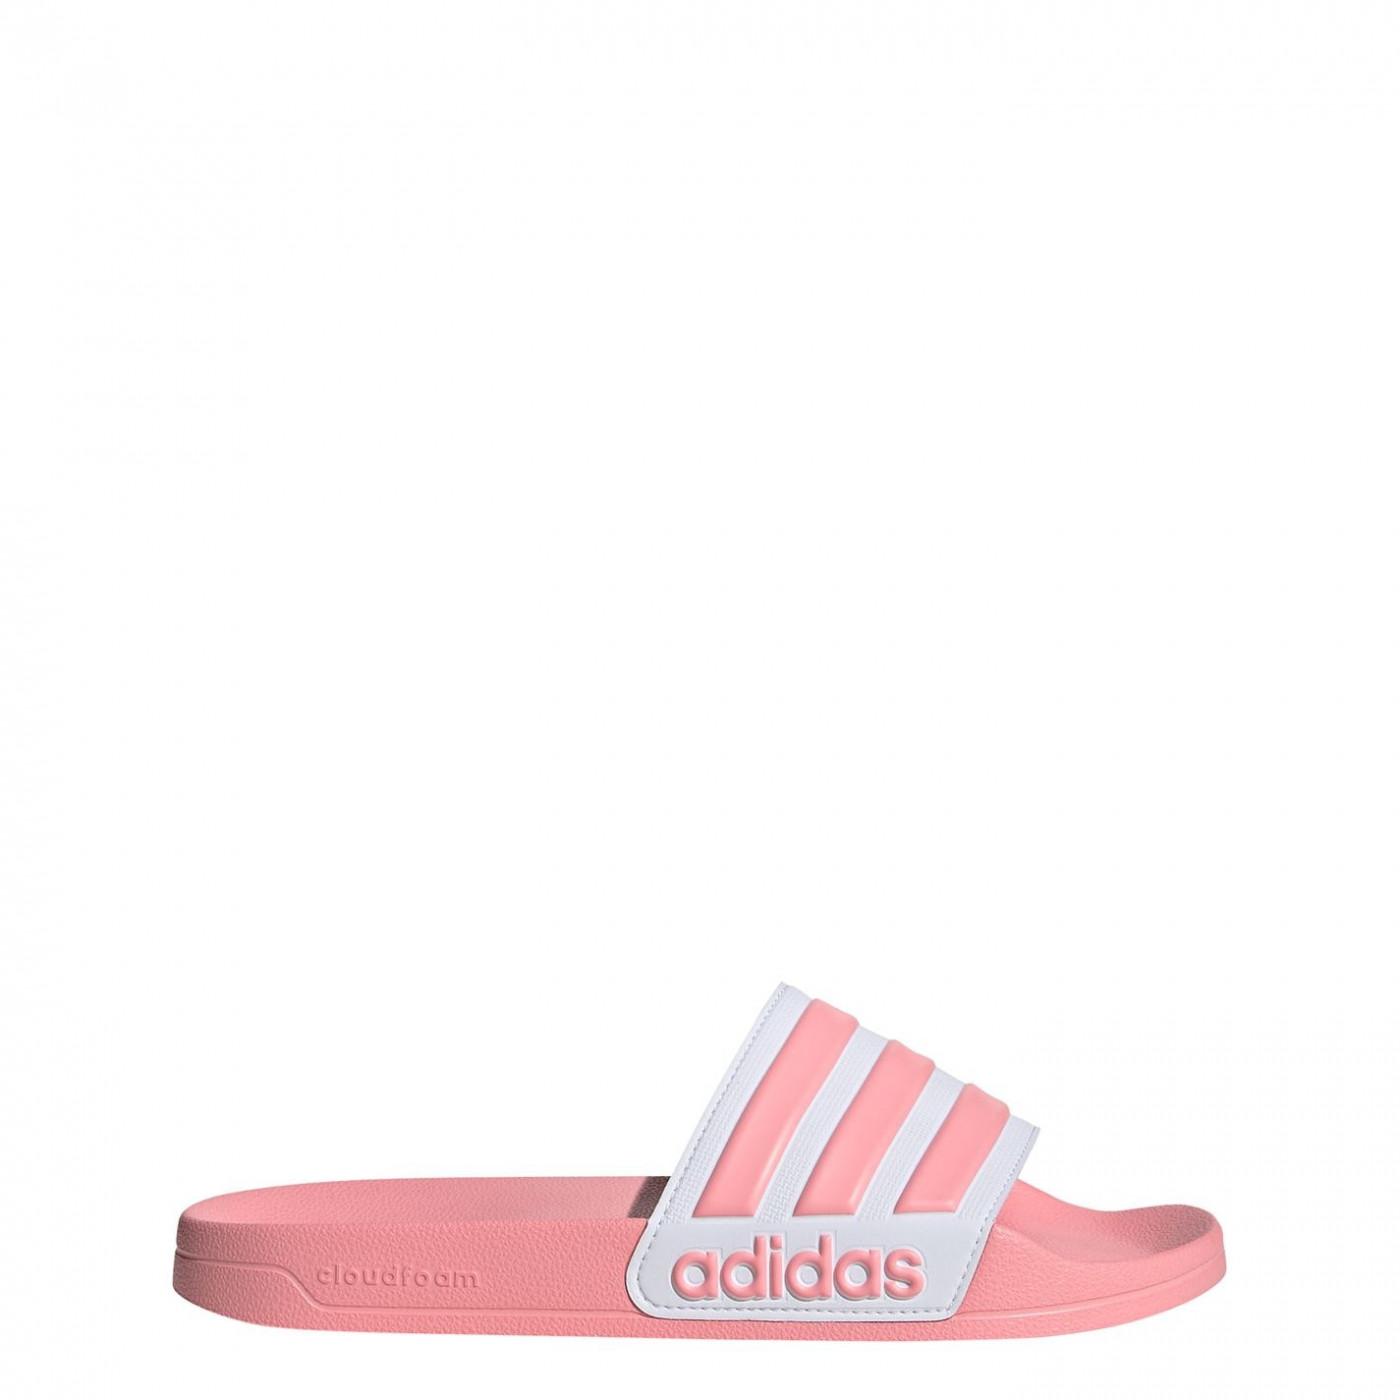 Adidas Adilette SlideLd03